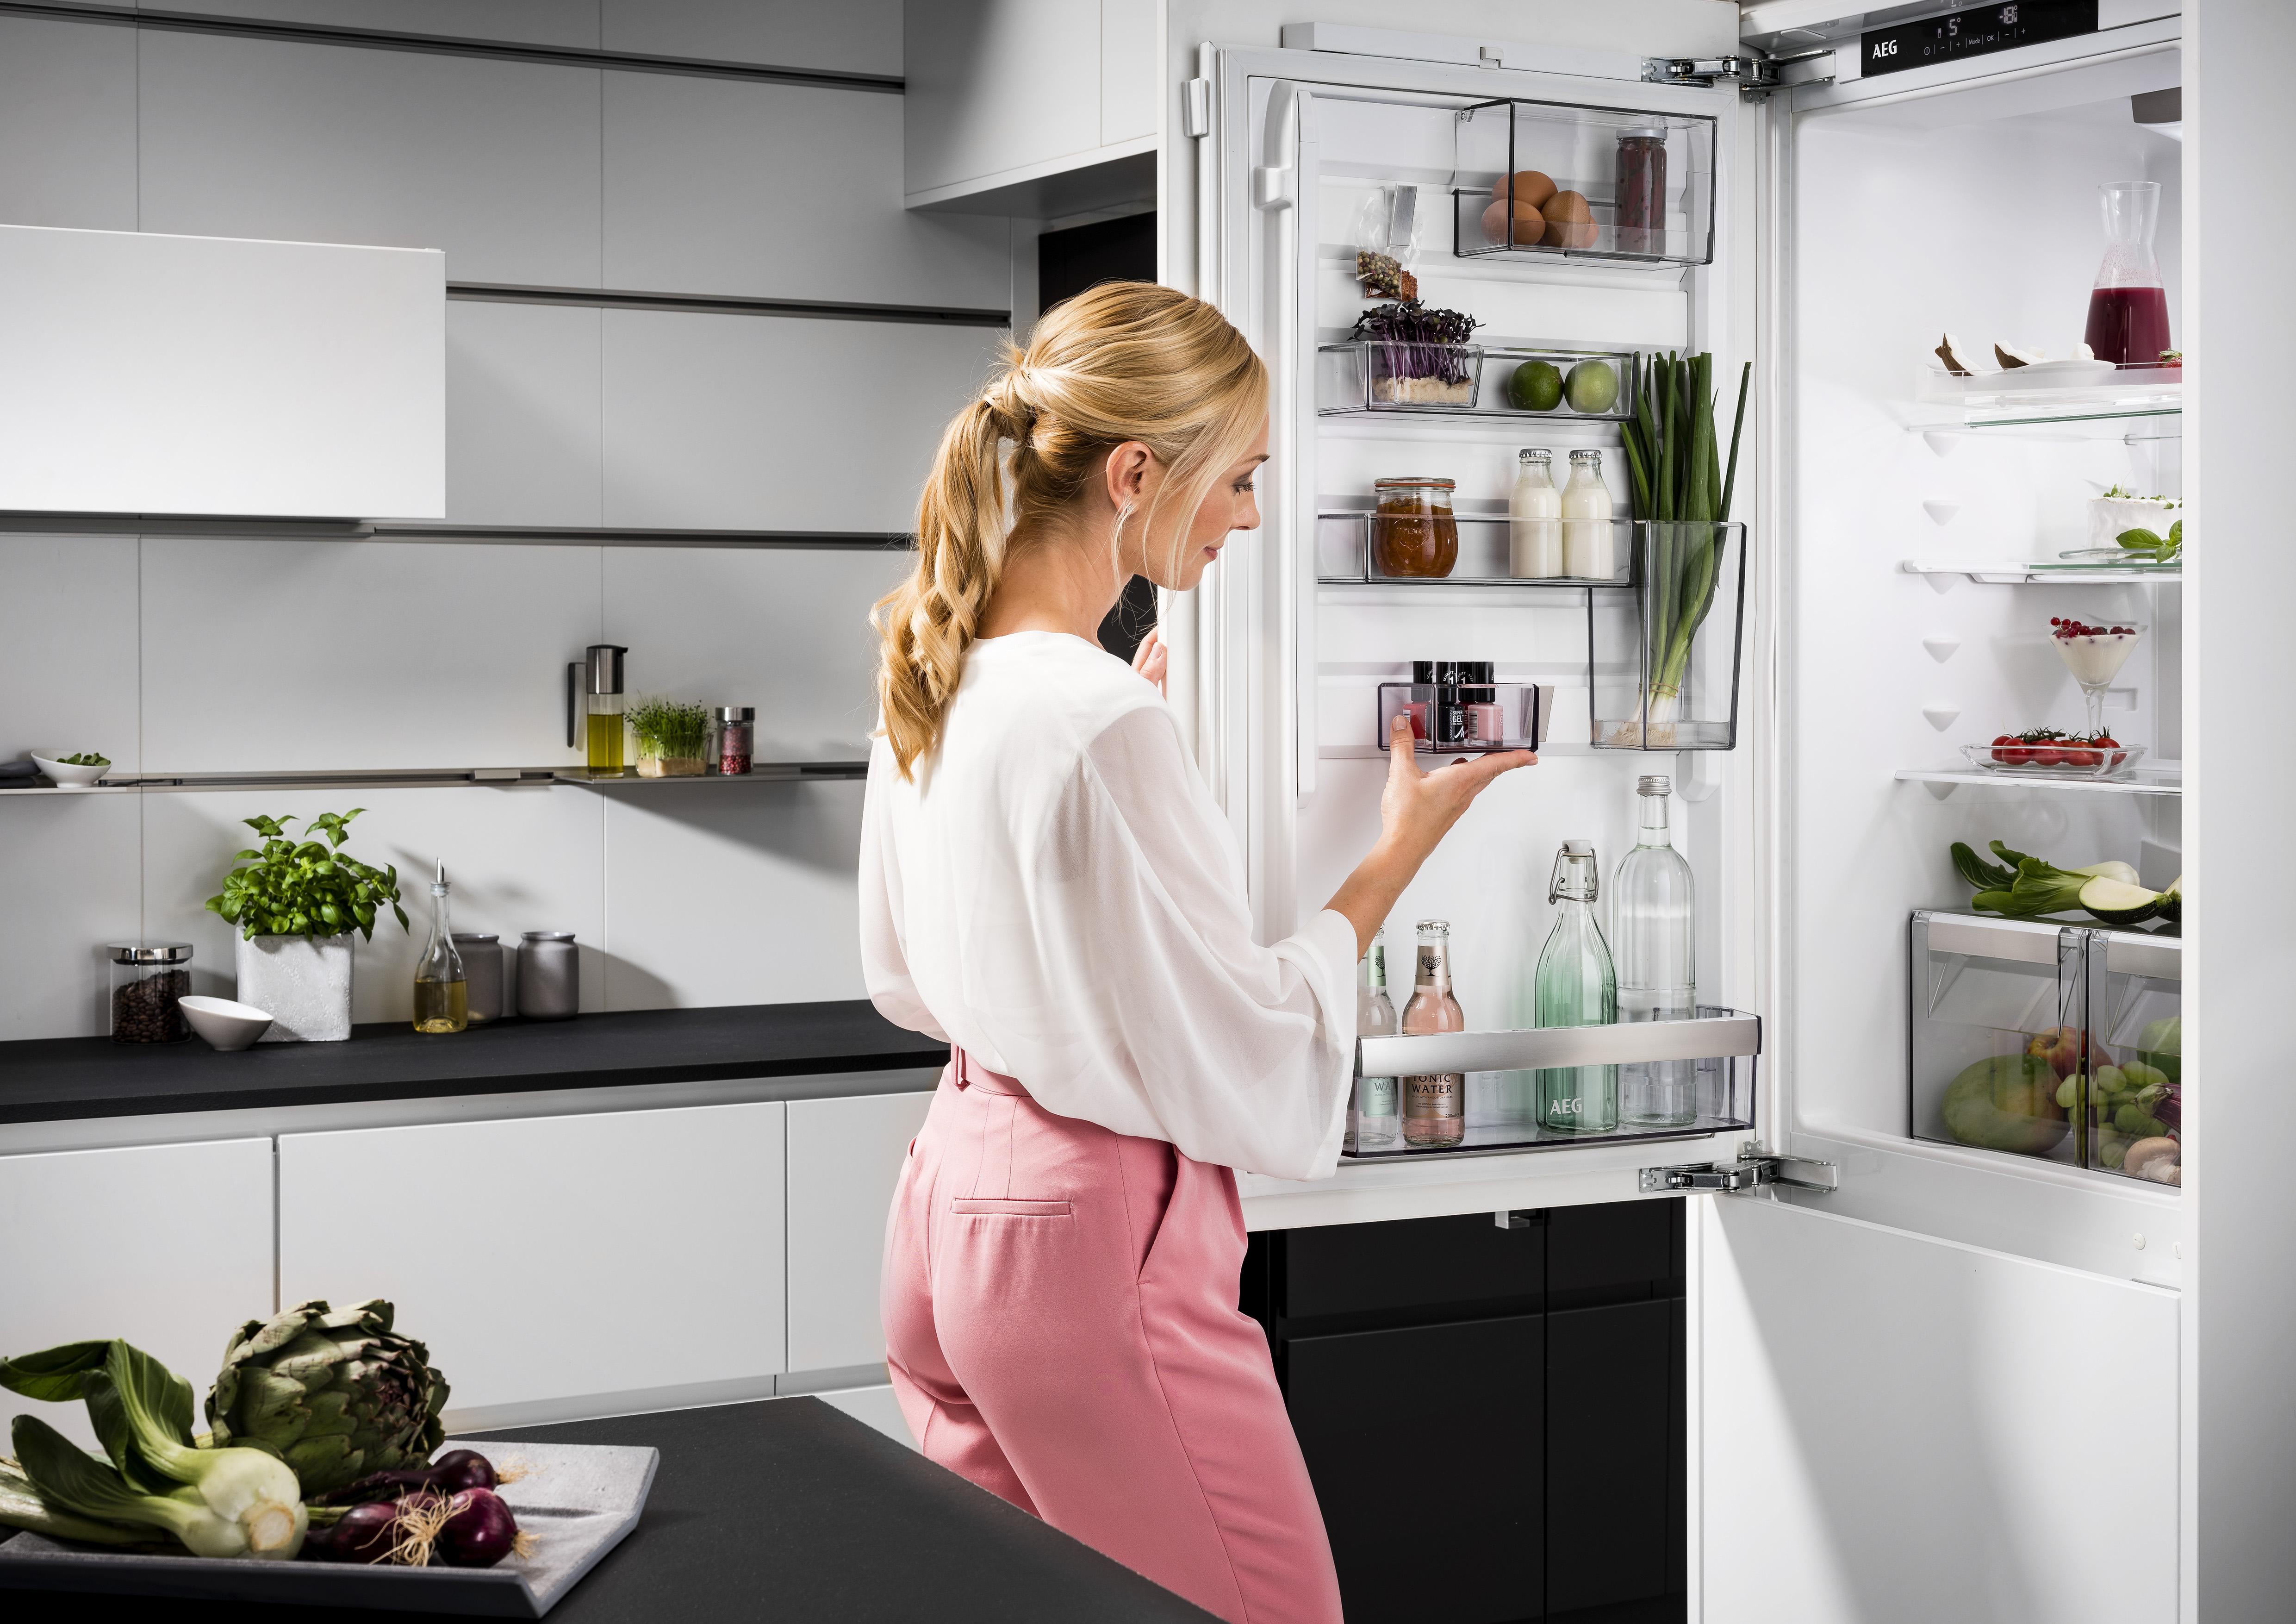 Kühlschrank Juno Elektrolux : Aeg customflex der kühlschrank der sich anpasst electrolux